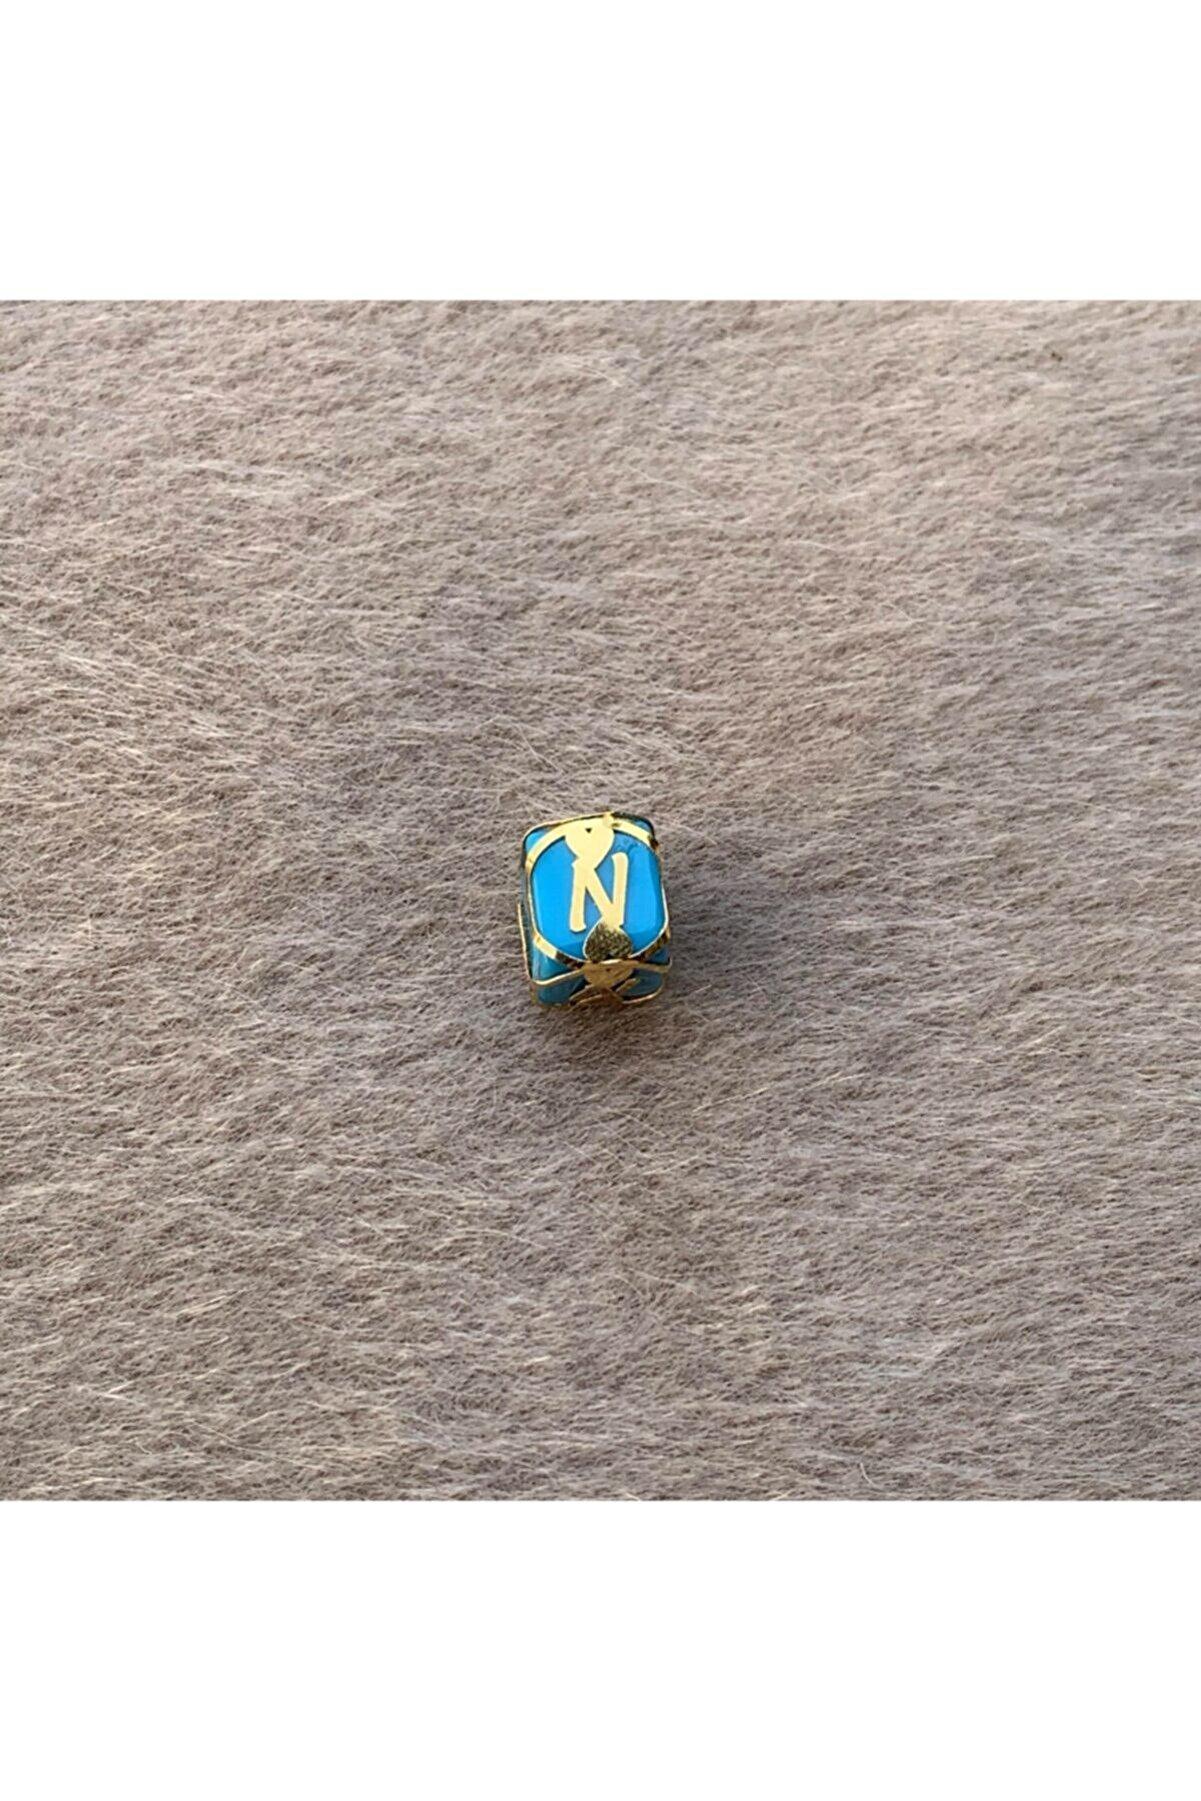 Bayar Gold 14 Ayar Altın N Harfli Altın Kafesli Mavi Boncuk